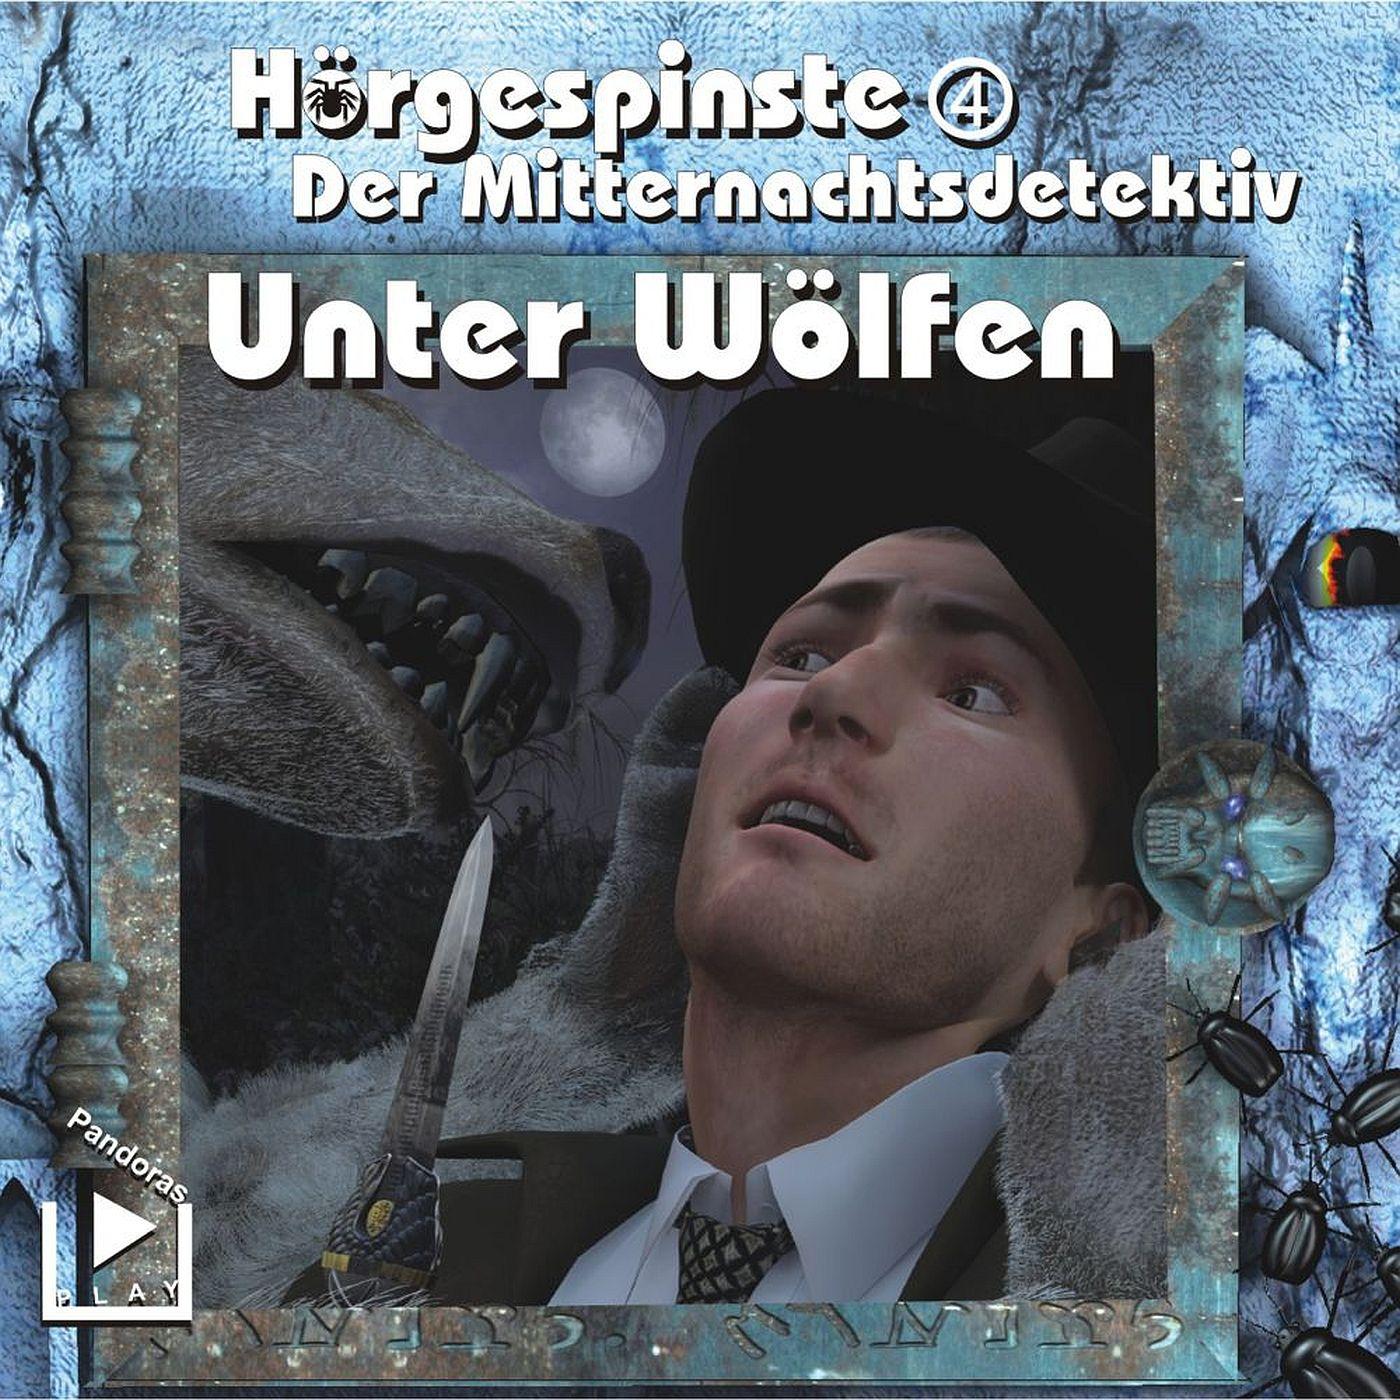 Hörgespinste (4) Der Mitternachtsdetektiv: Unter Wölfen - Pandoras Play 2017